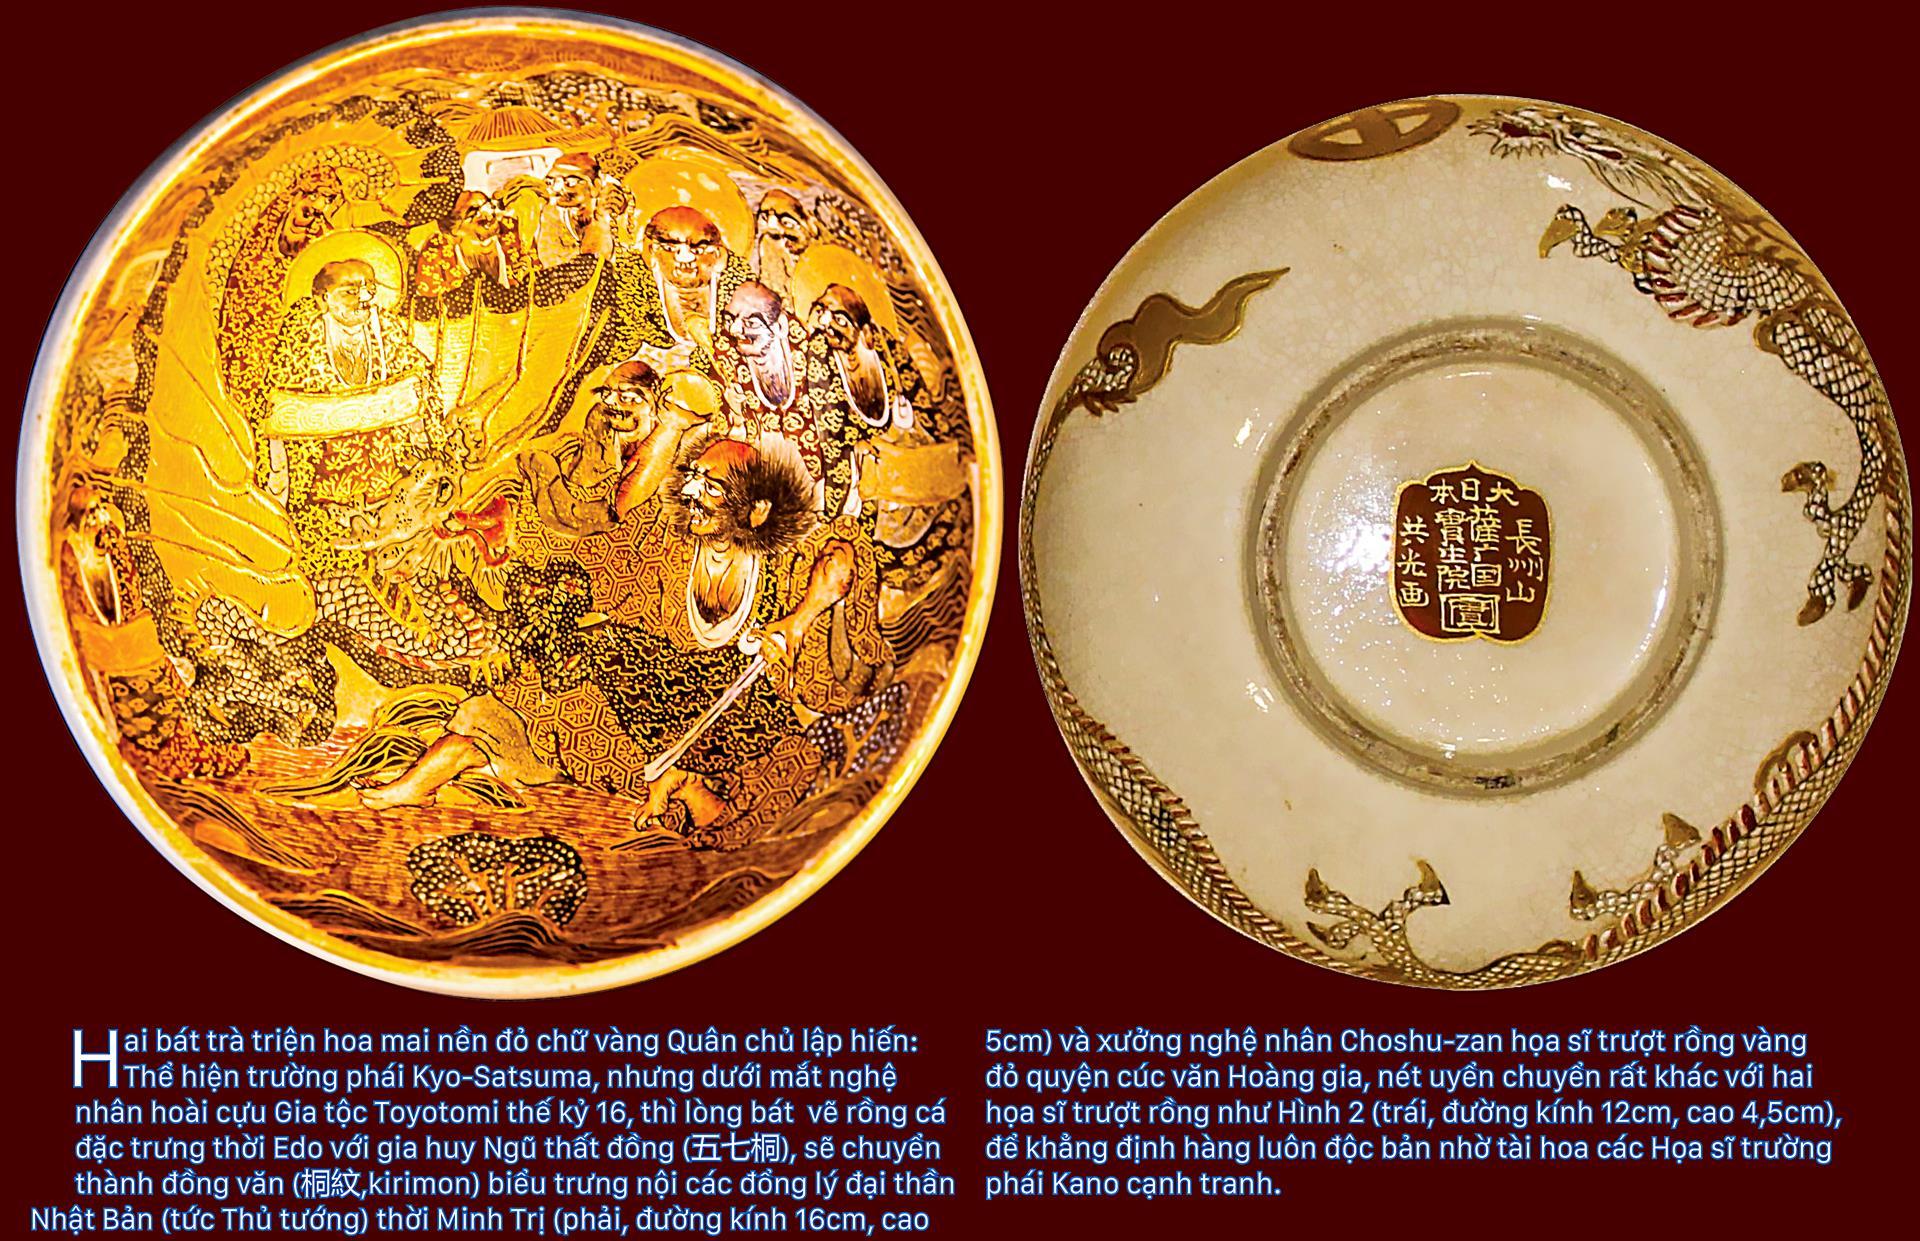 Biểu tượng vương quyền trên những bát trà   ảnh 5